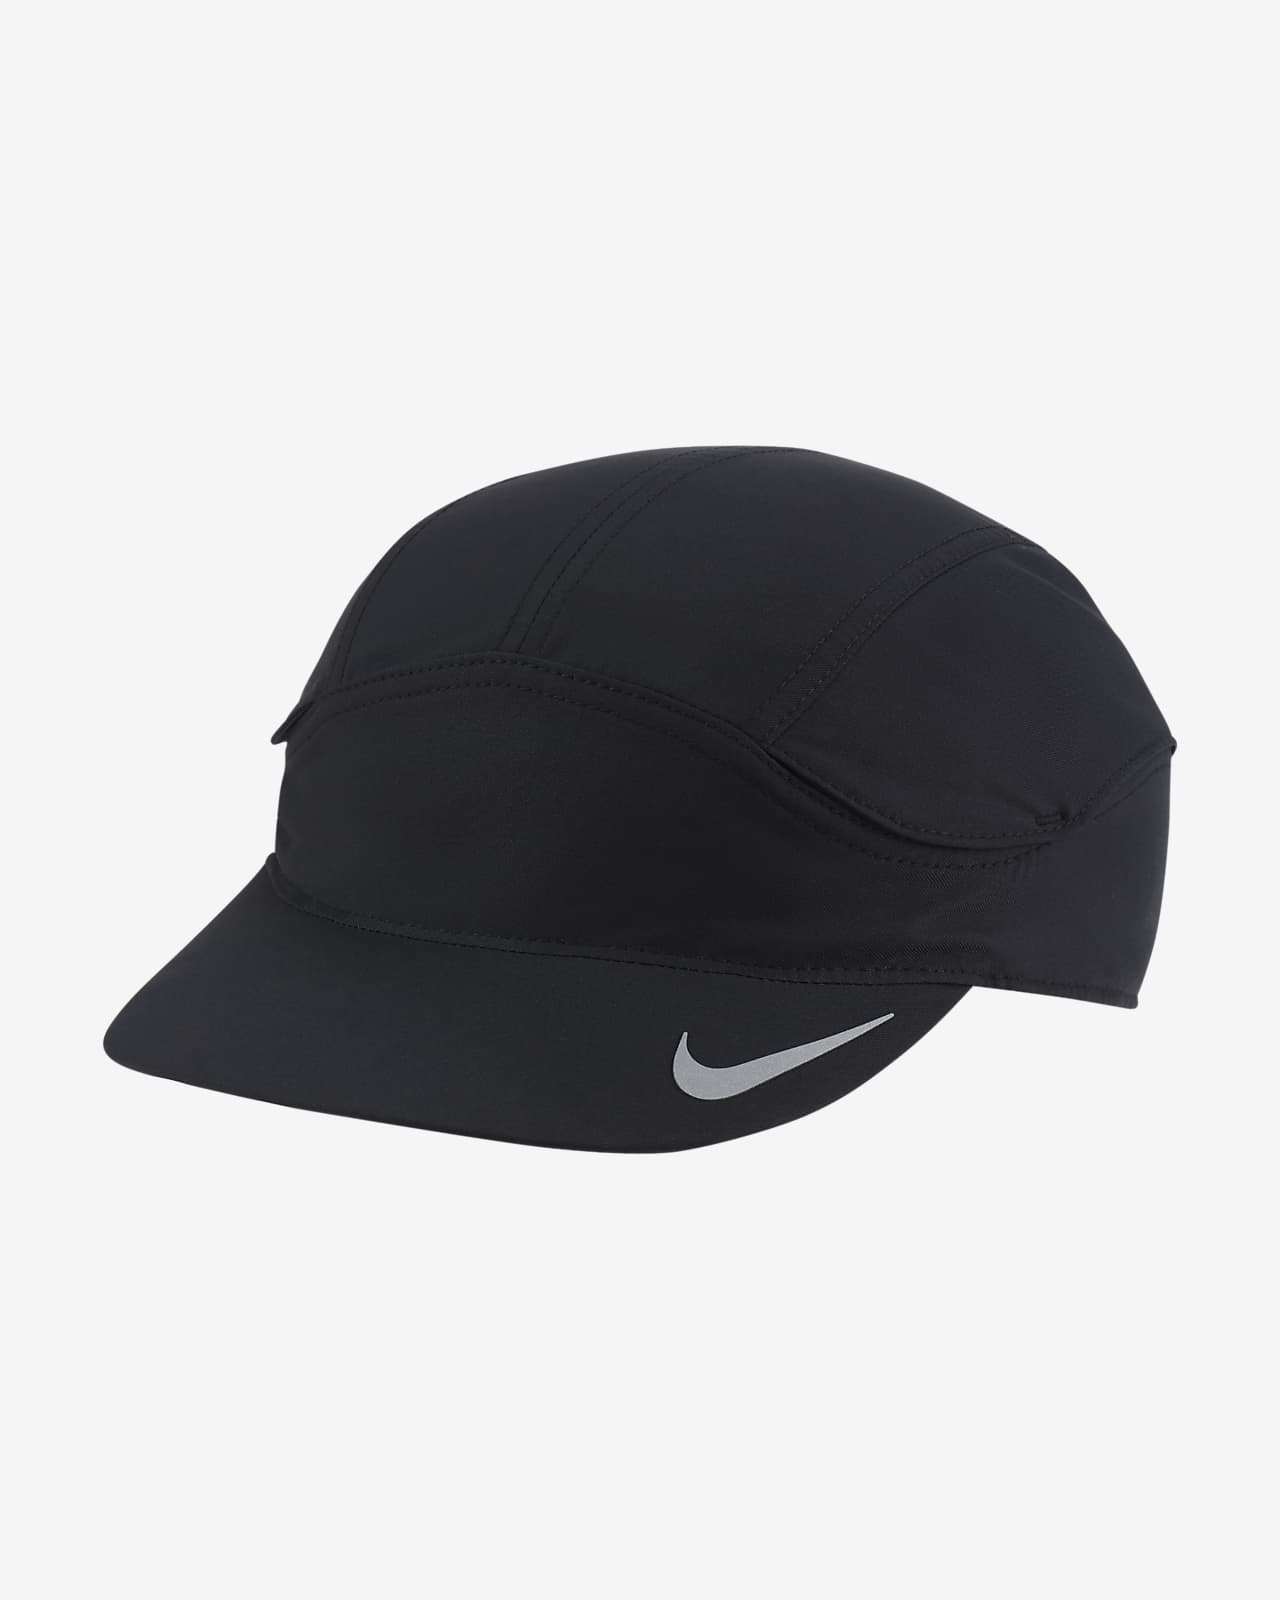 Nike Dri-FIT Tailwind Fast 跑步运动帽